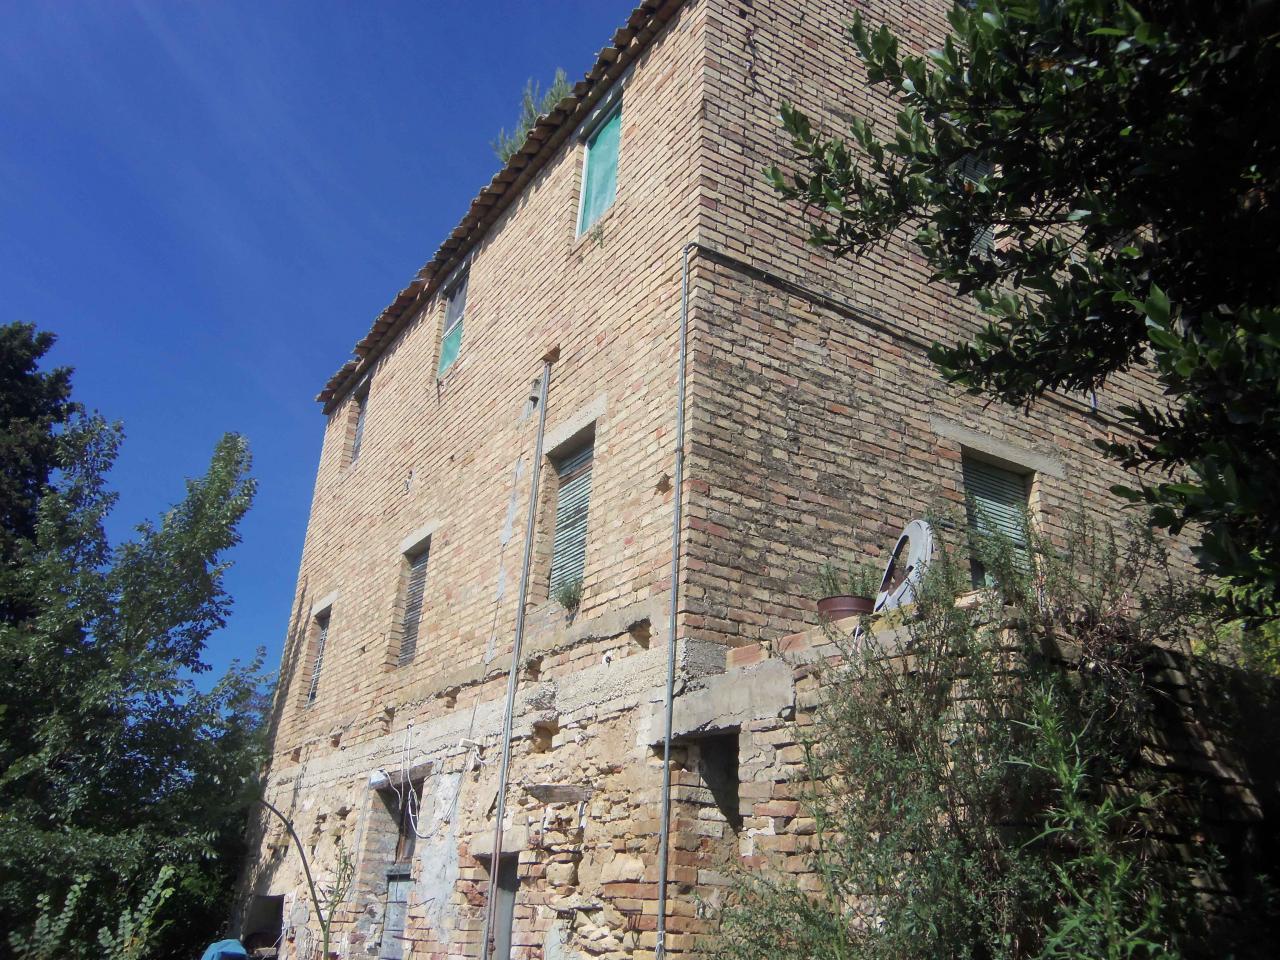 Rustico / Casale in vendita a Ripatransone, 6 locali, zona Località: SanSavino, prezzo € 150.000 | Cambio Casa.it